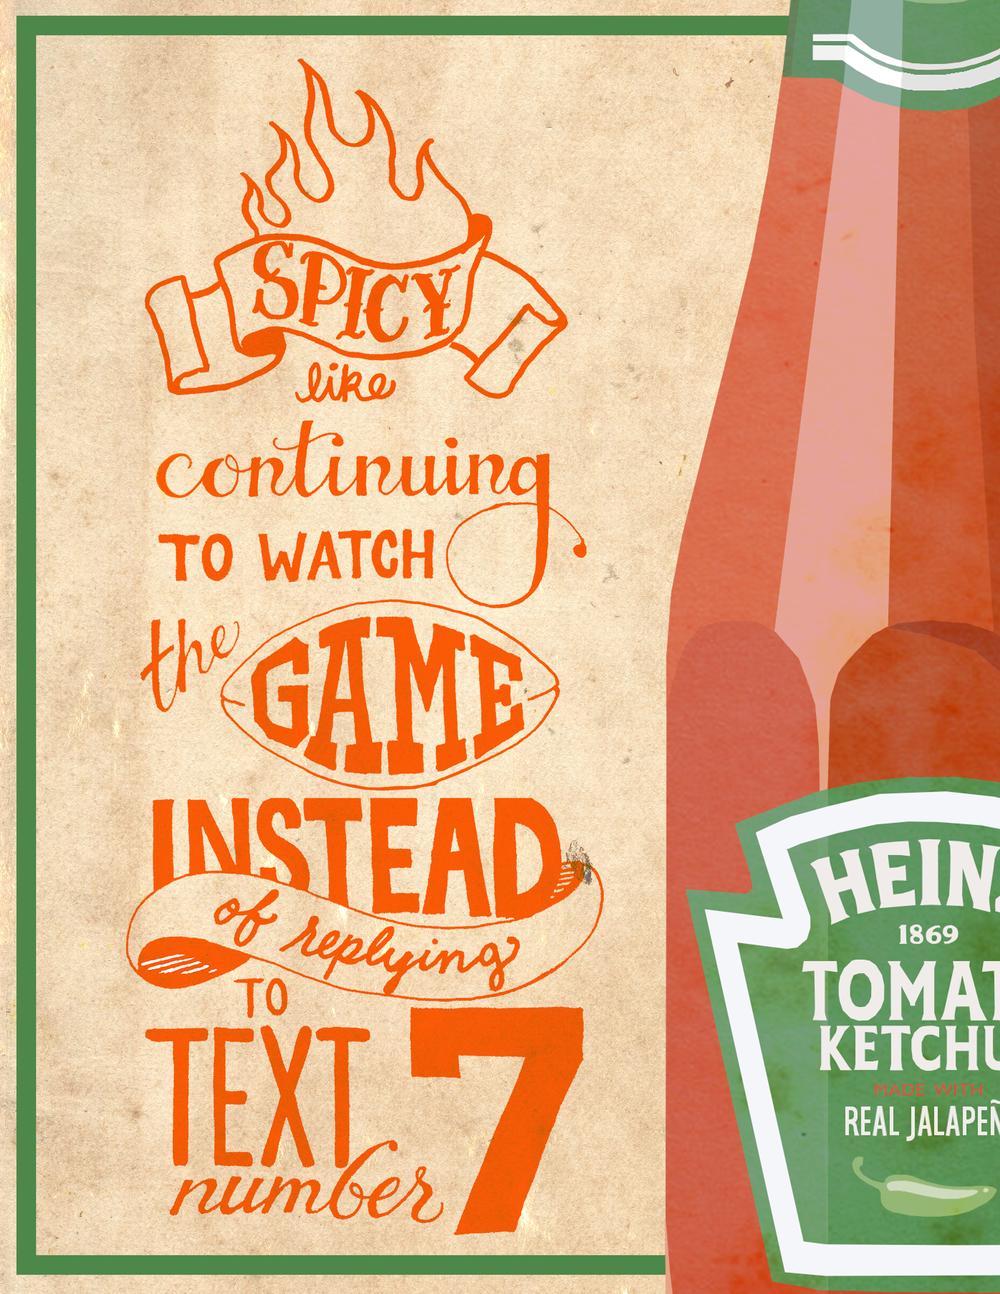 Heinz_Final-3.jpg